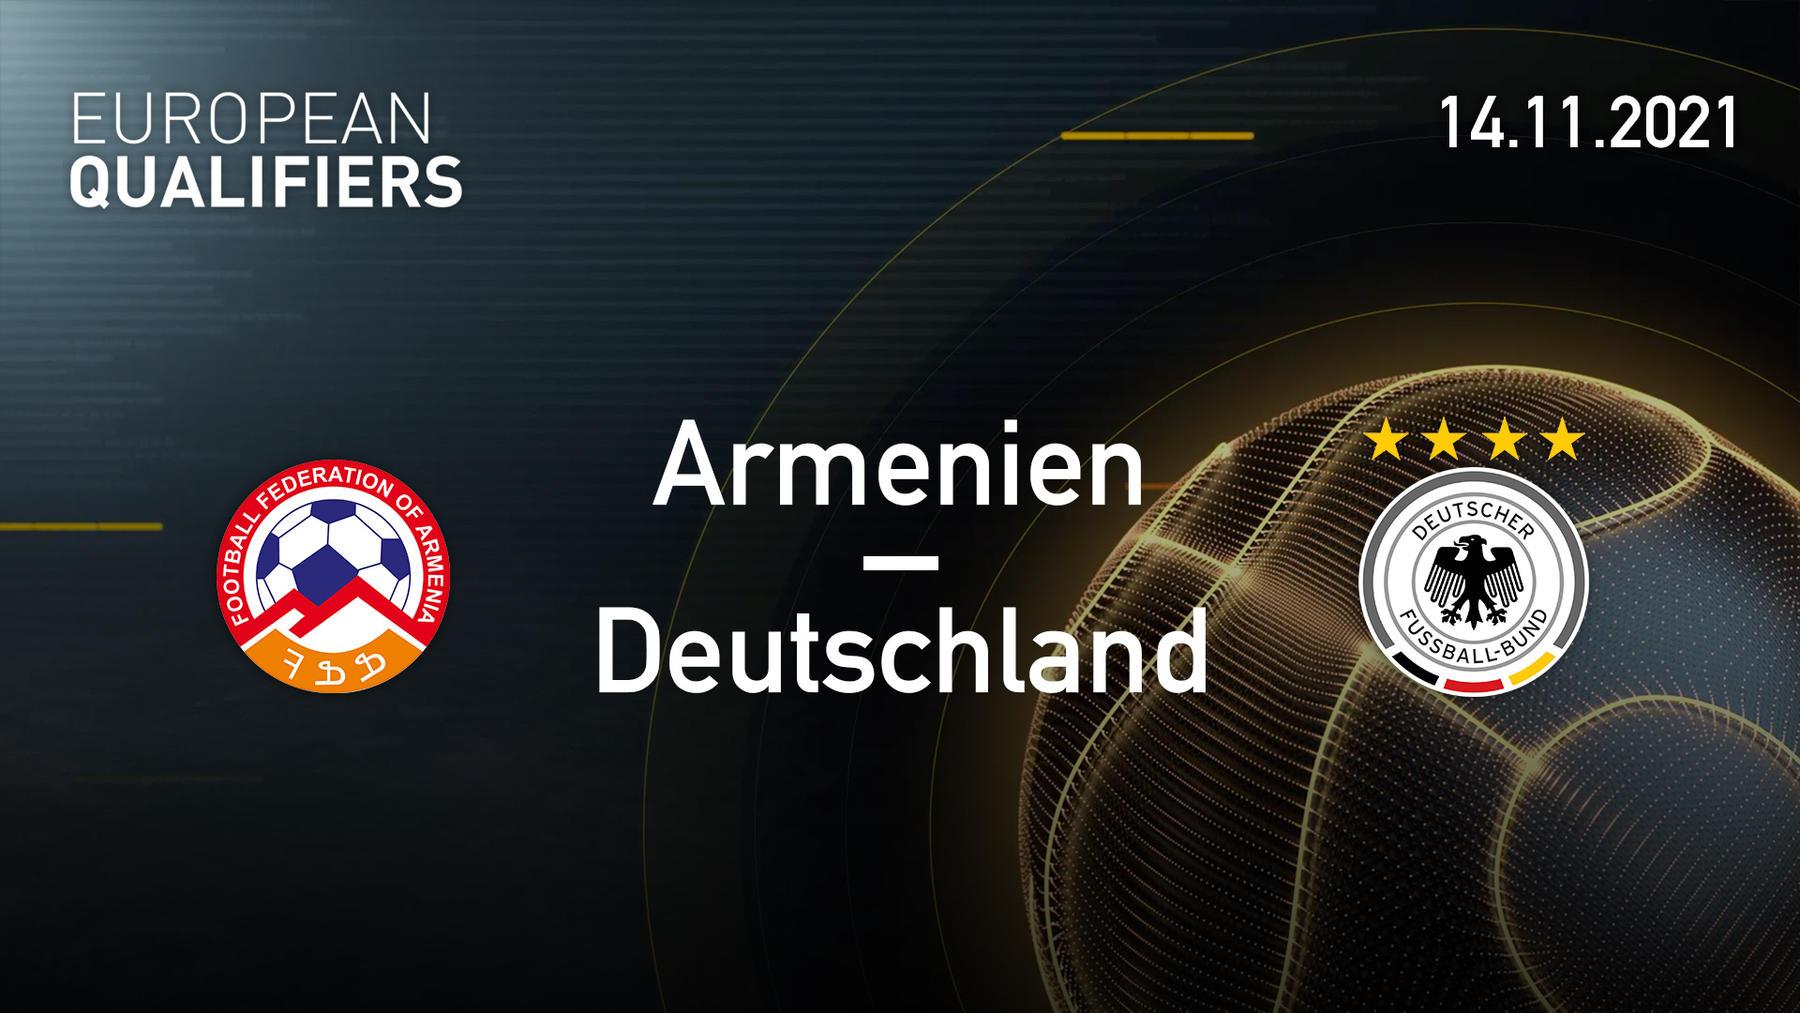 14.11.2021 - Armenien vs. Deutschland